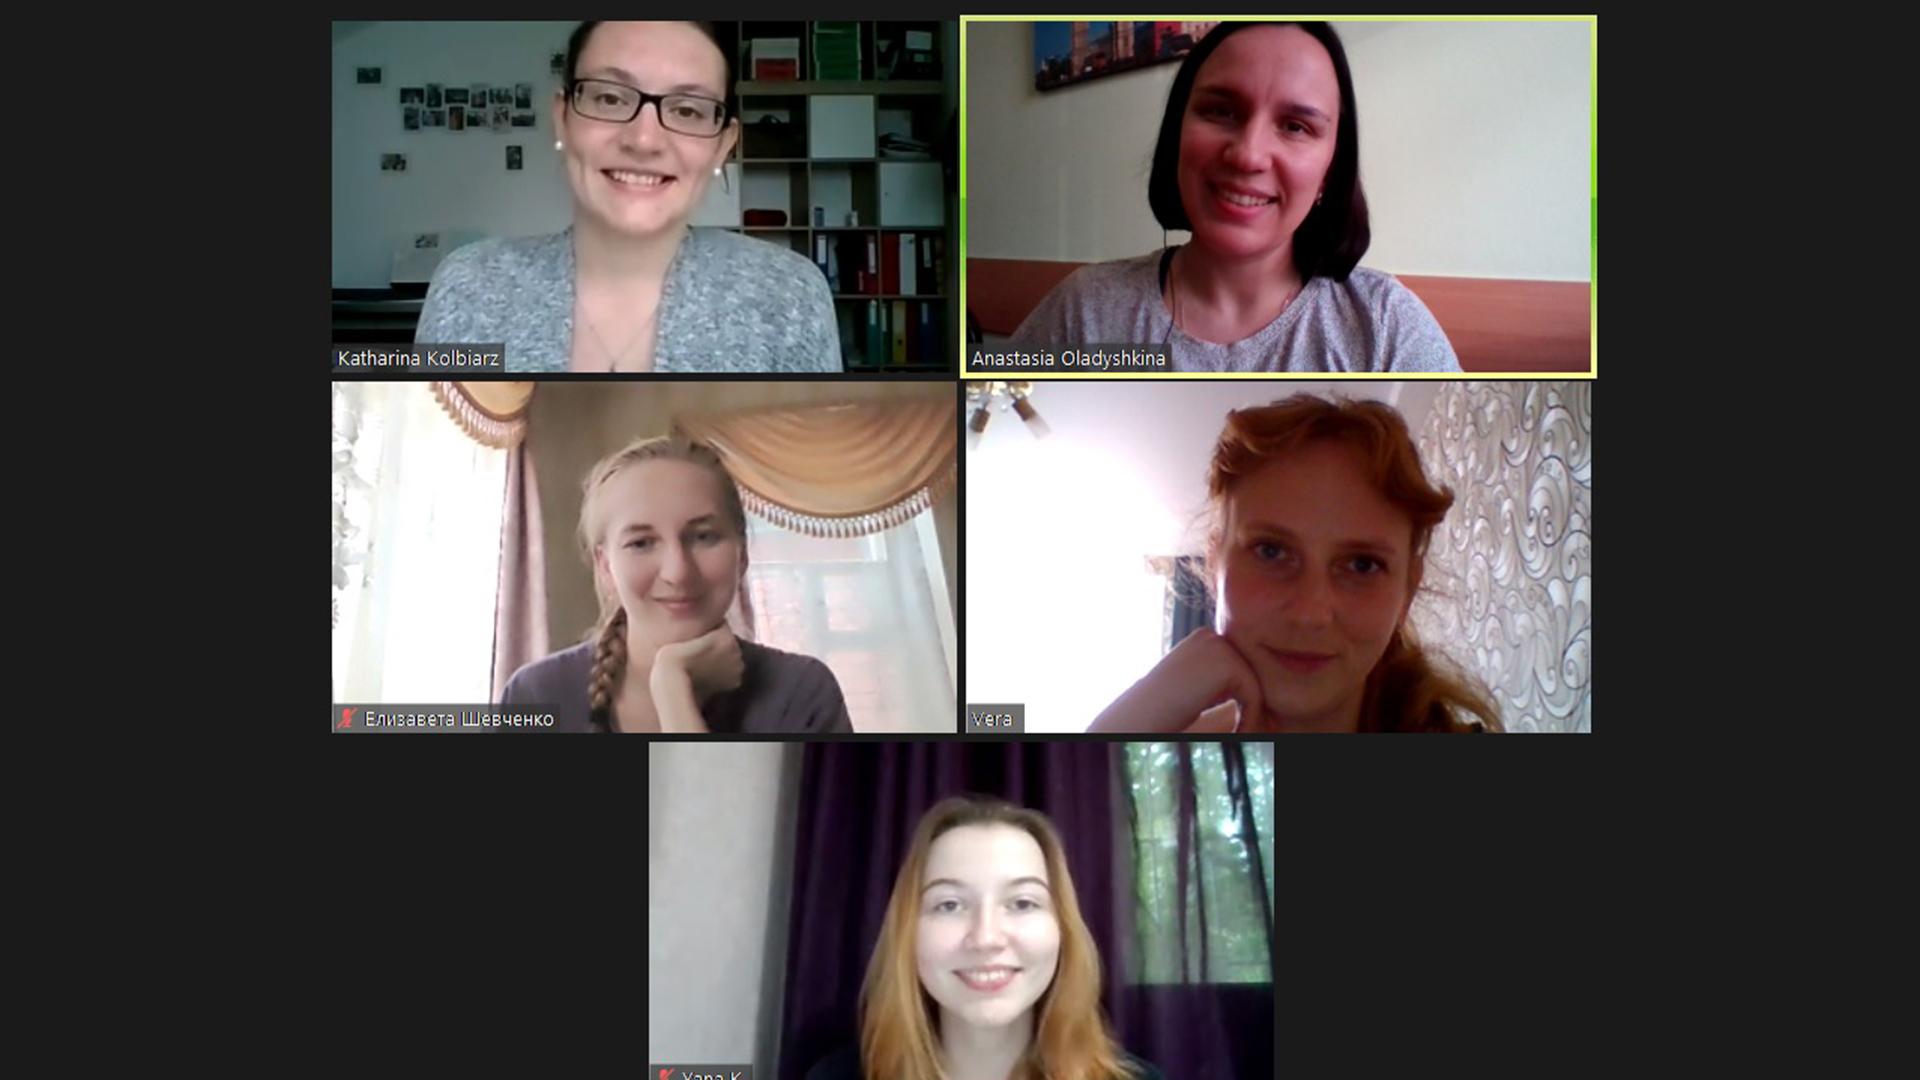 Студенты Венского университета проходят педагогическую практику на базе Мининского университета